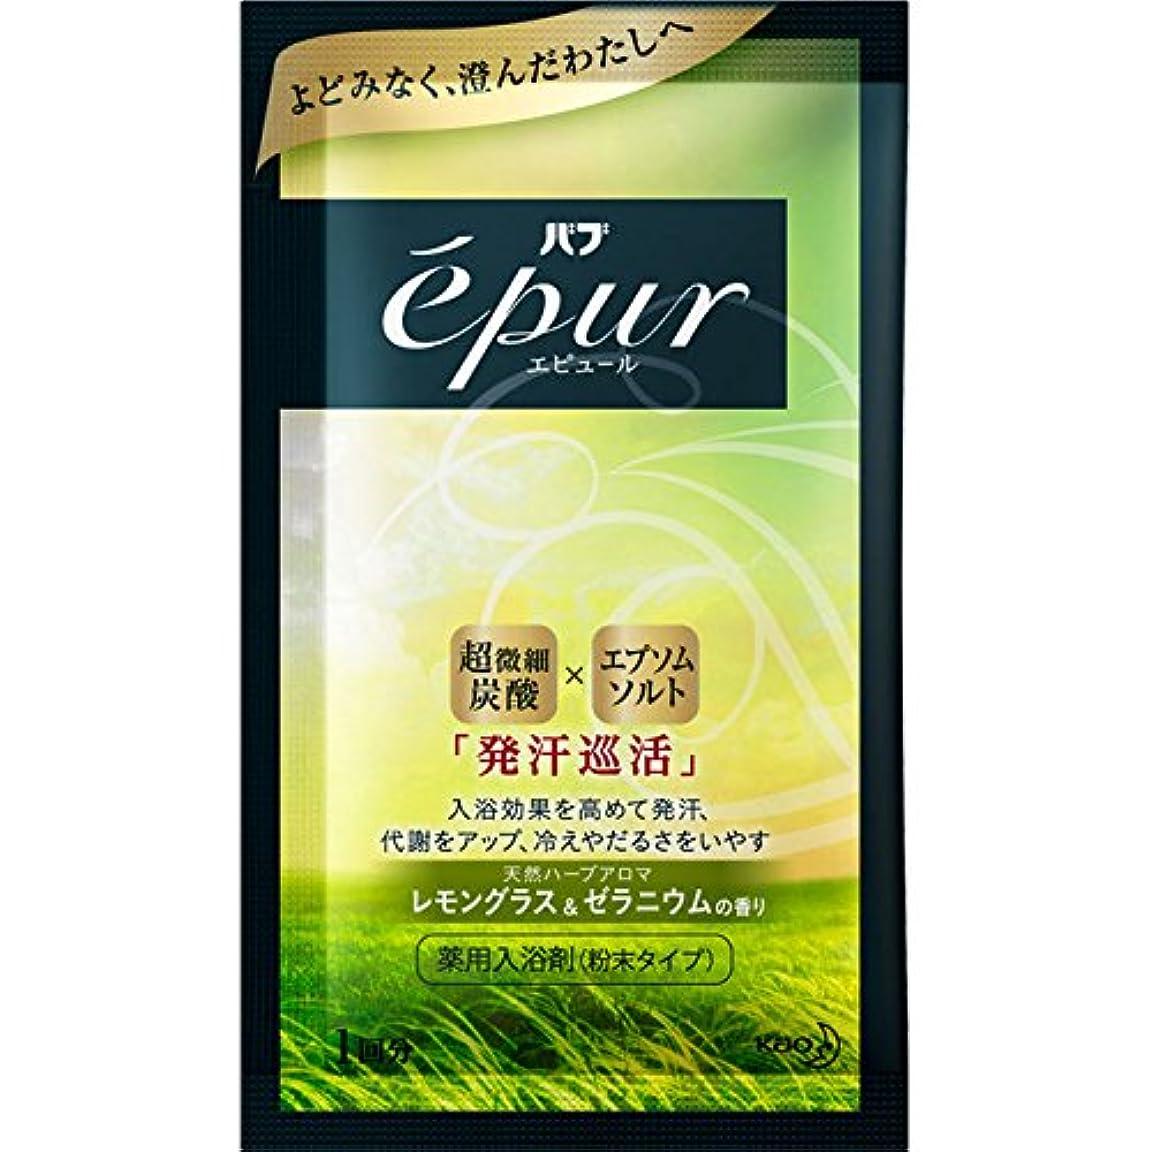 所得に沿って飲食店花王 バブ エピュール レモングラス&ゼラニウム1P 50G (医薬部外品)